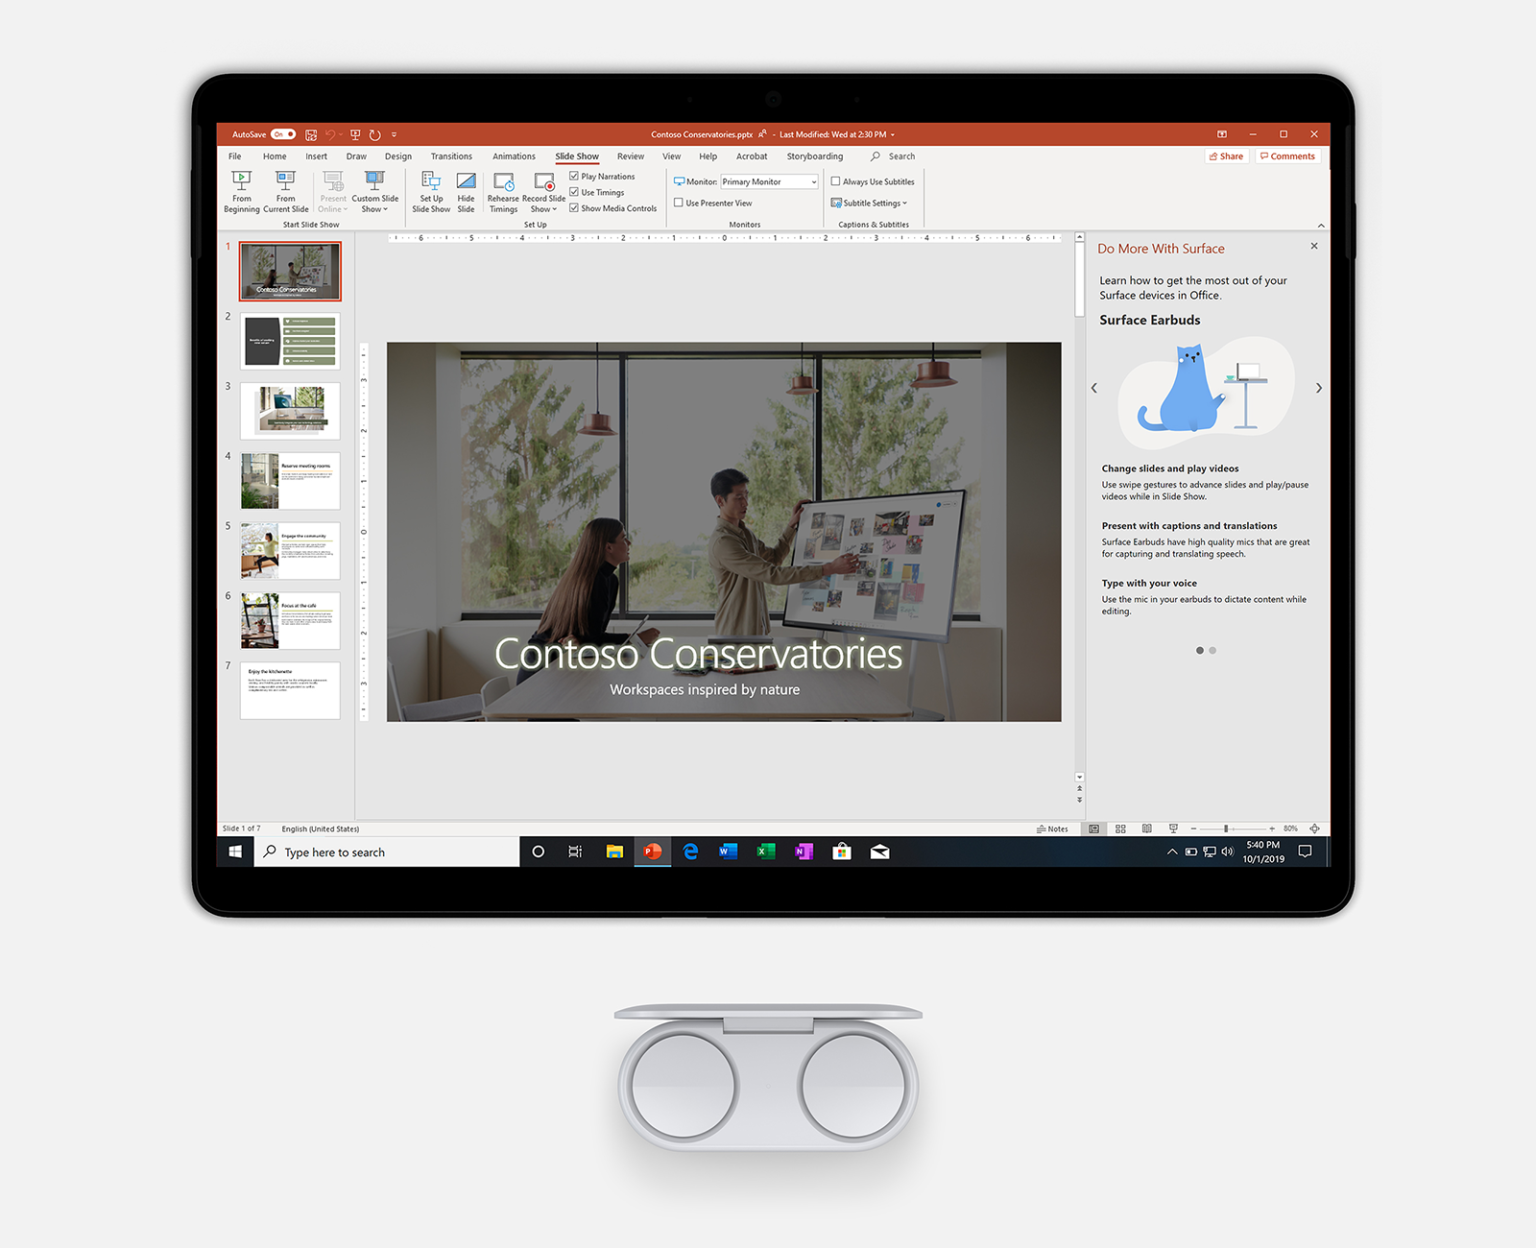 Abbildung von Earbuds und dem Surface Pro 7 mit einer PowerPoint-Präsentation